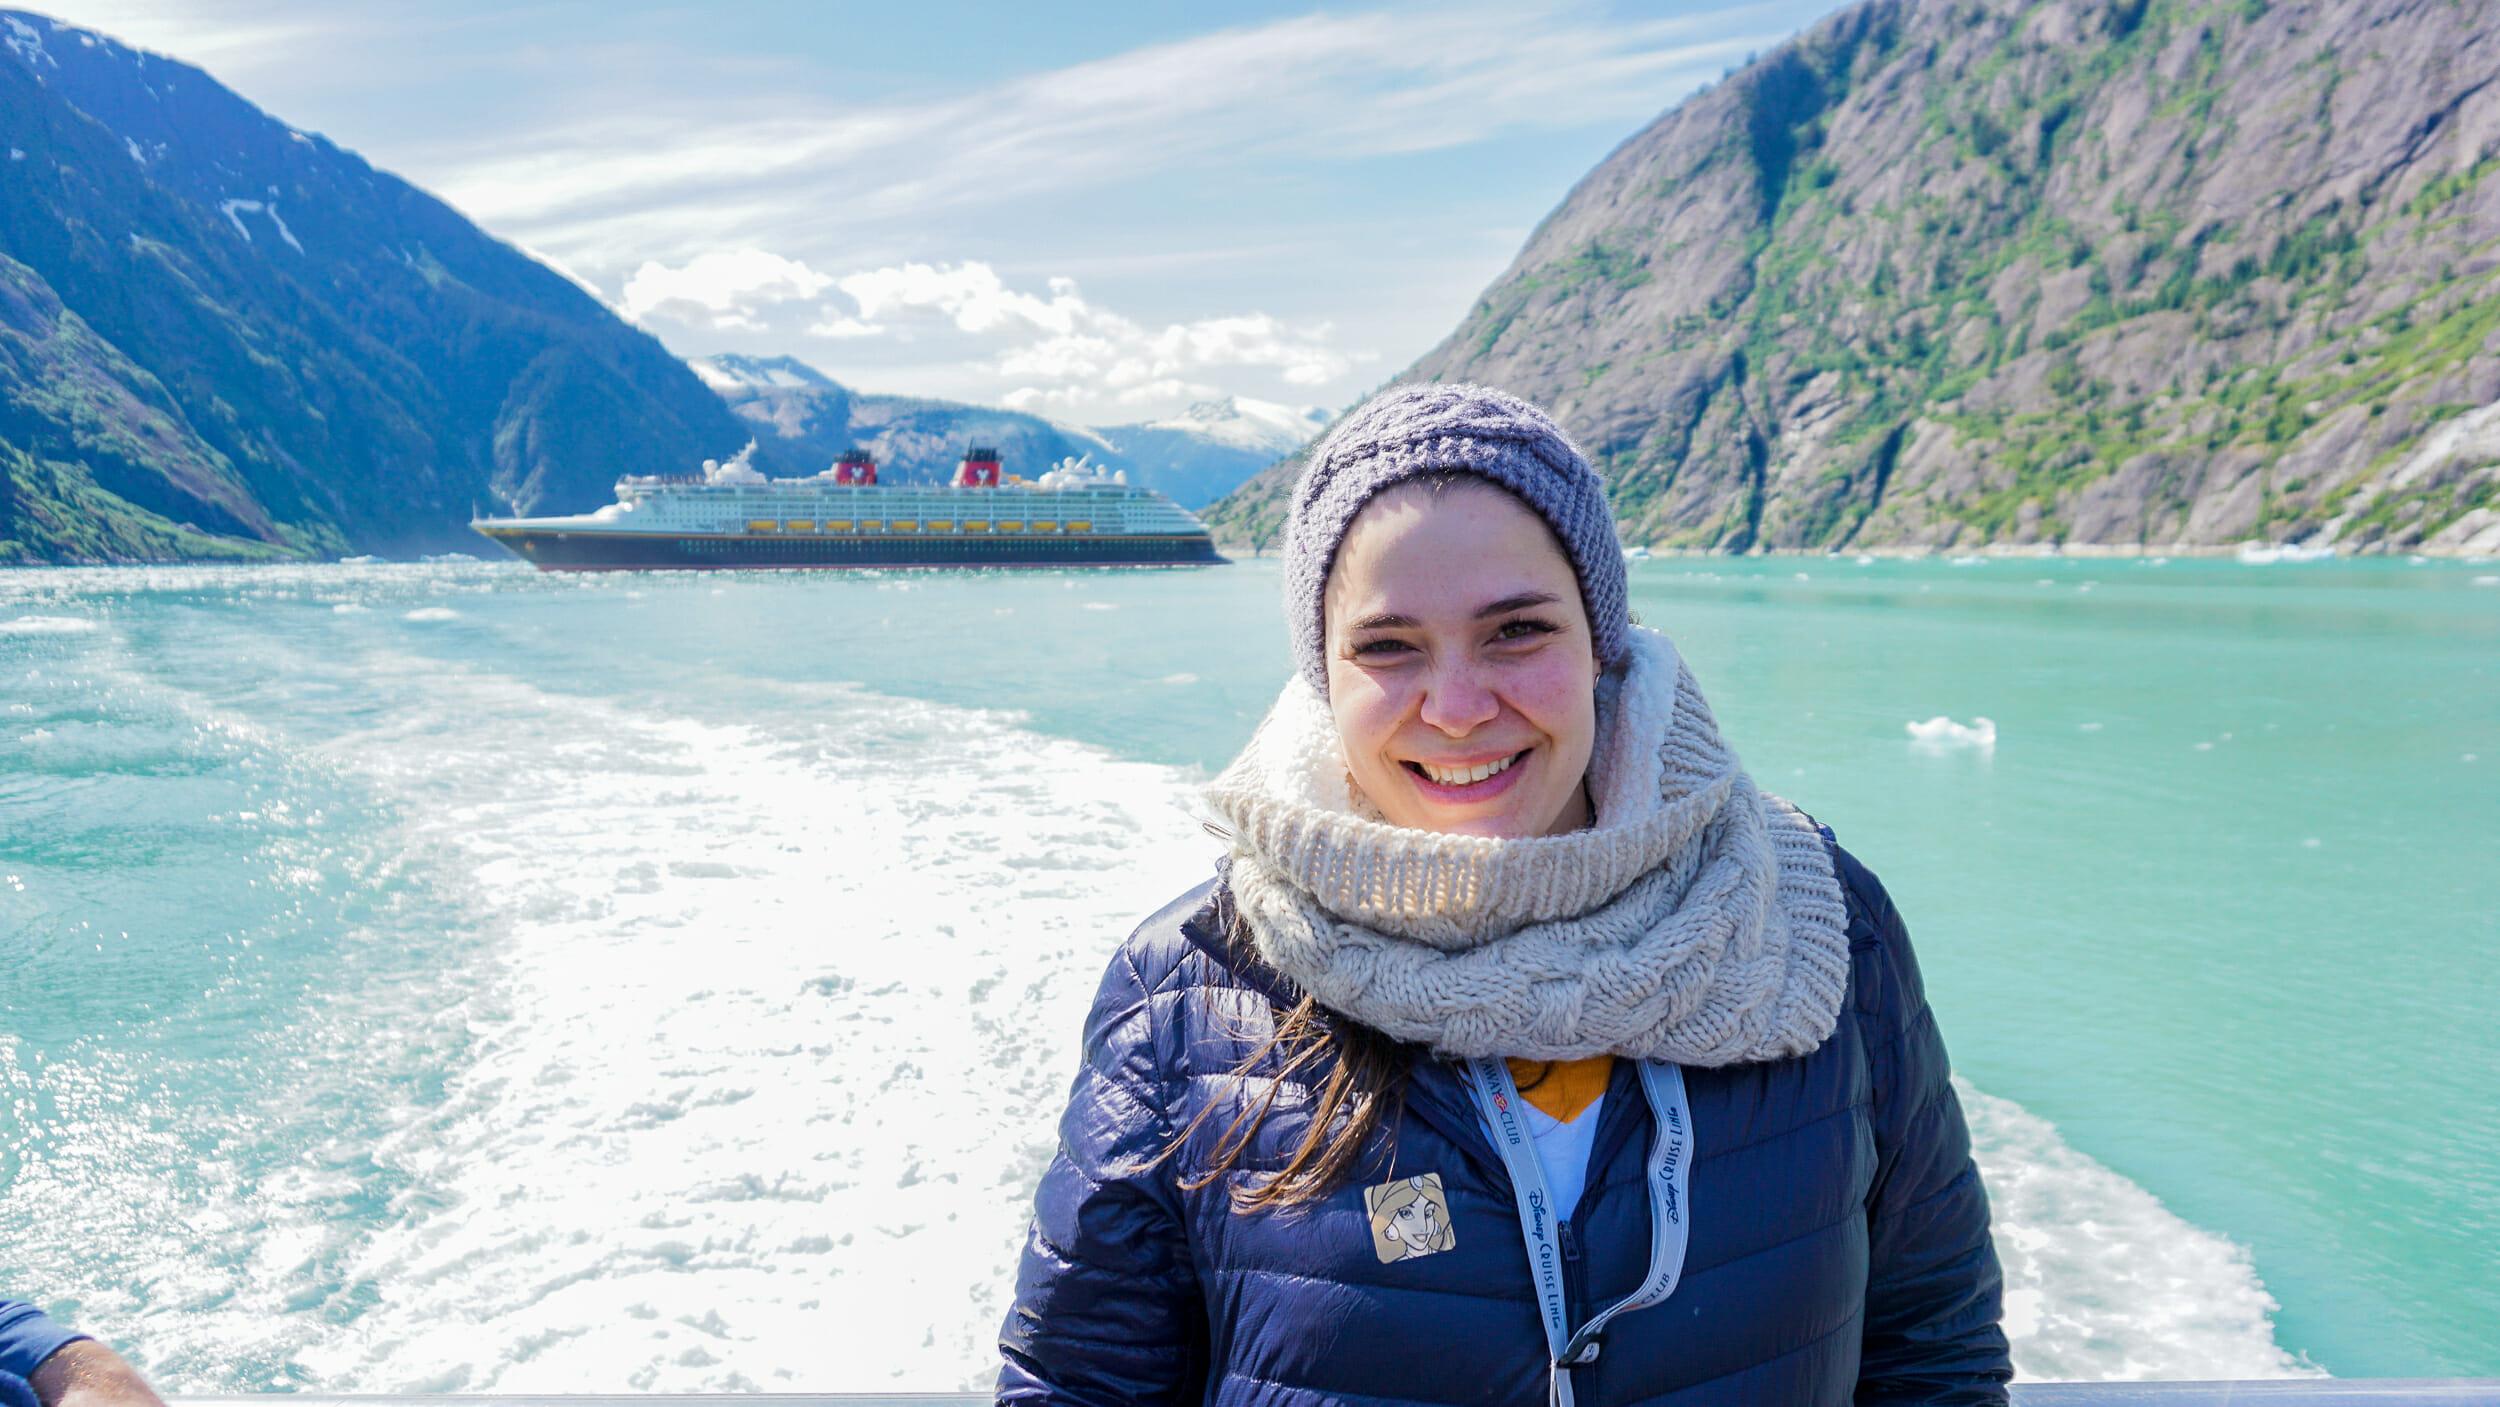 Foto da Bia com a paisagem do Alaska ao fundo. É possível ver o mar, uma montanha e o navio do cruzeiro da Disney